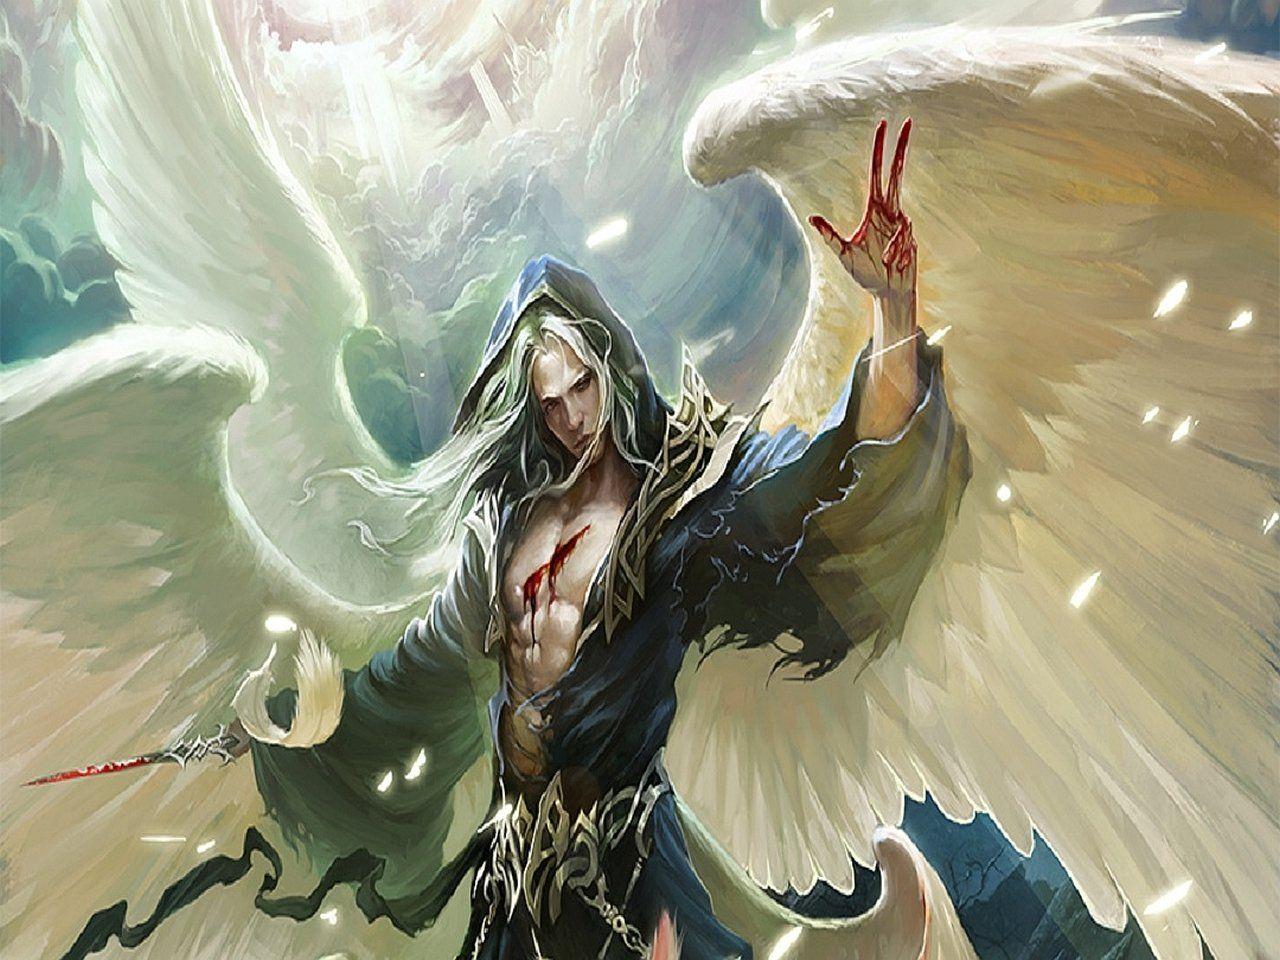 окончательной обработки картинка фэнтези ангел мужчина женский